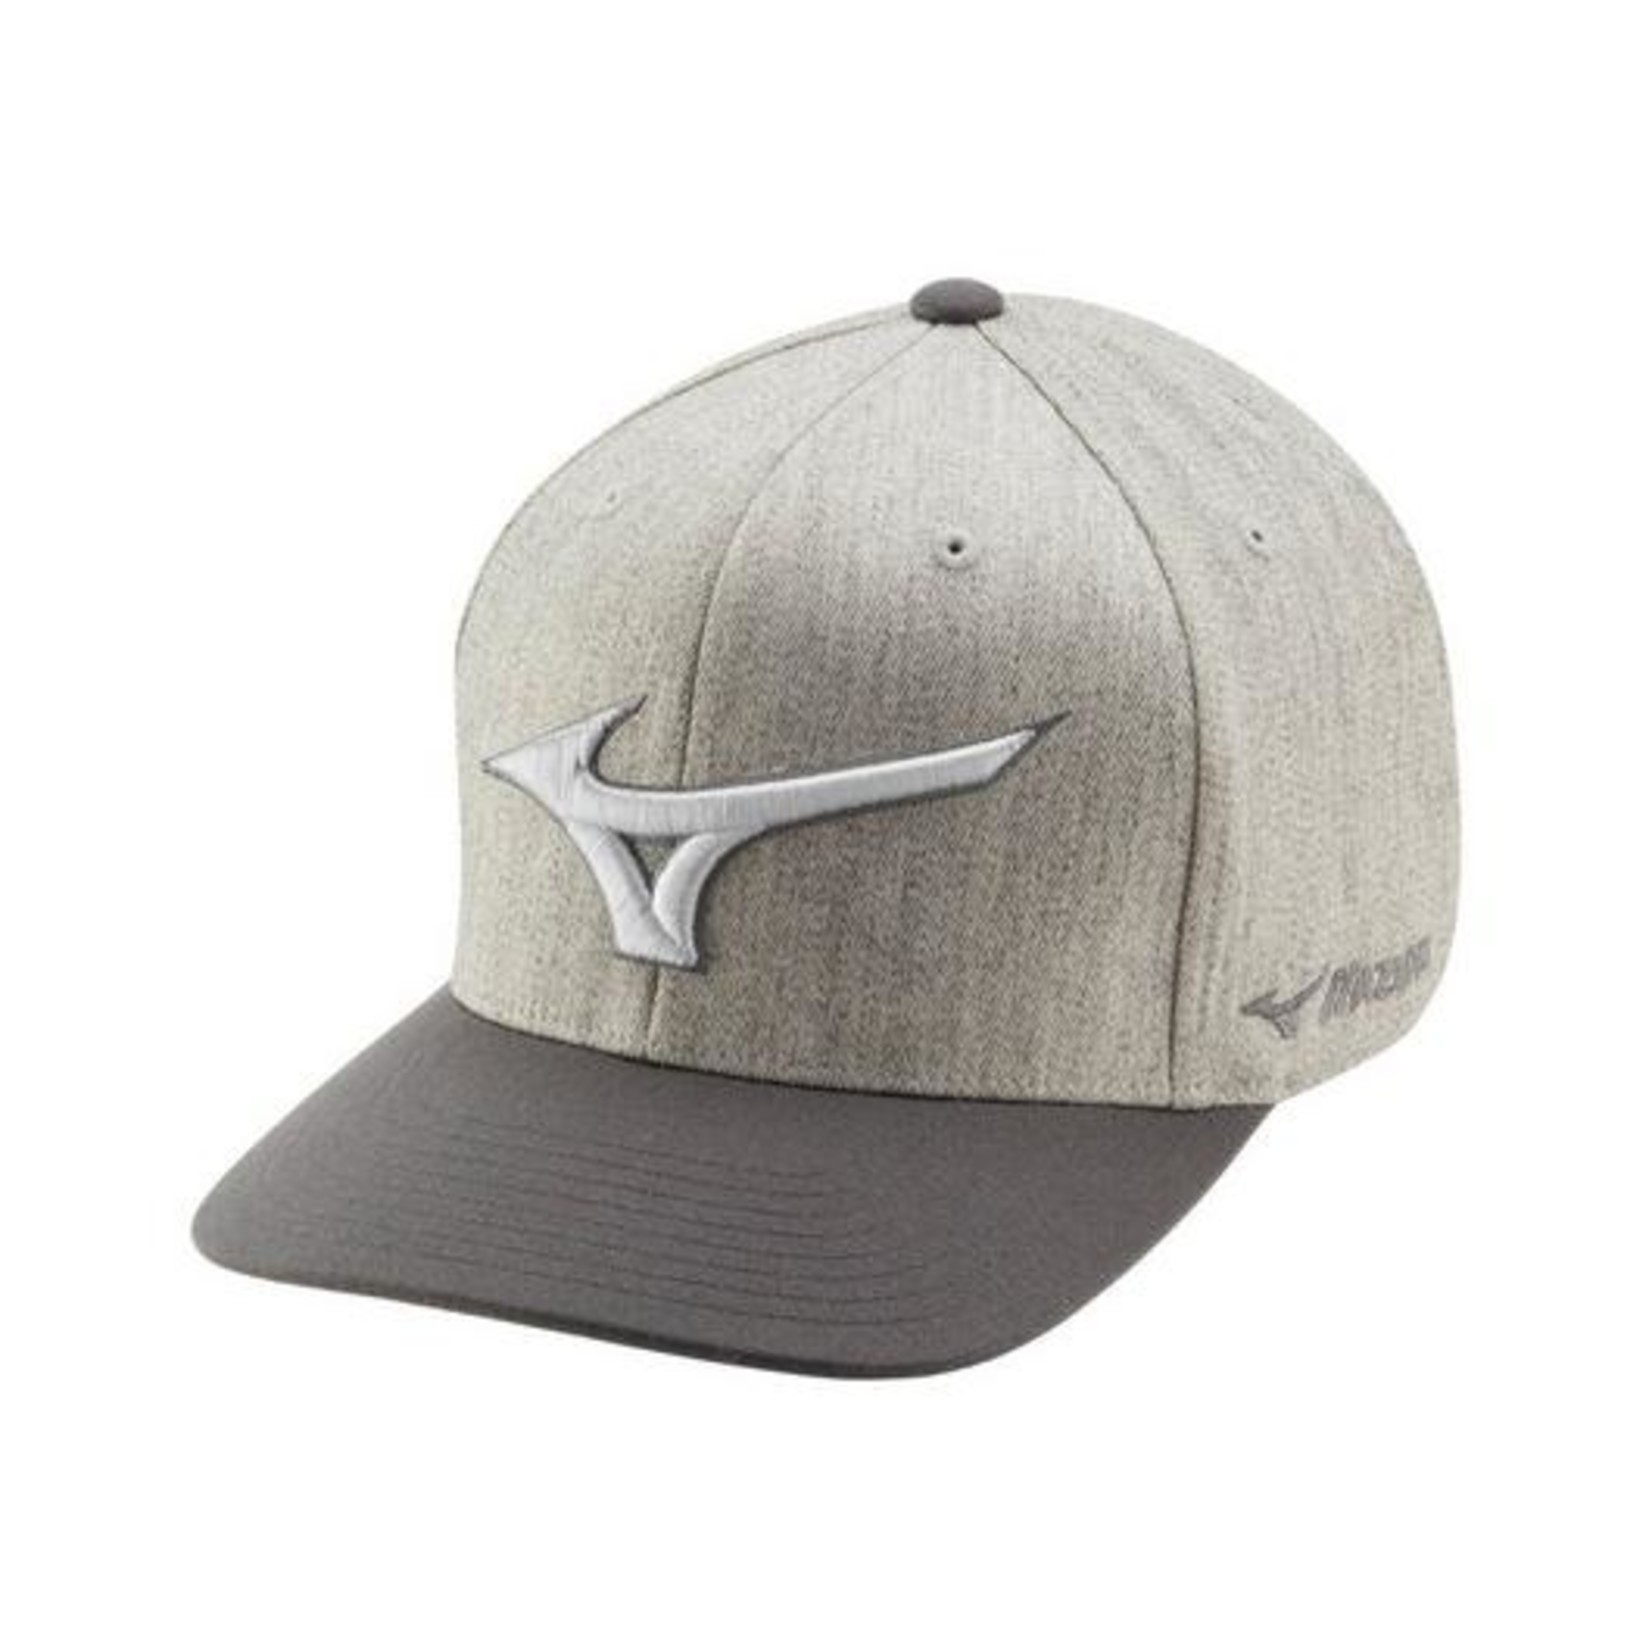 Mizuno MIZUNO Diamond Snapback Hat